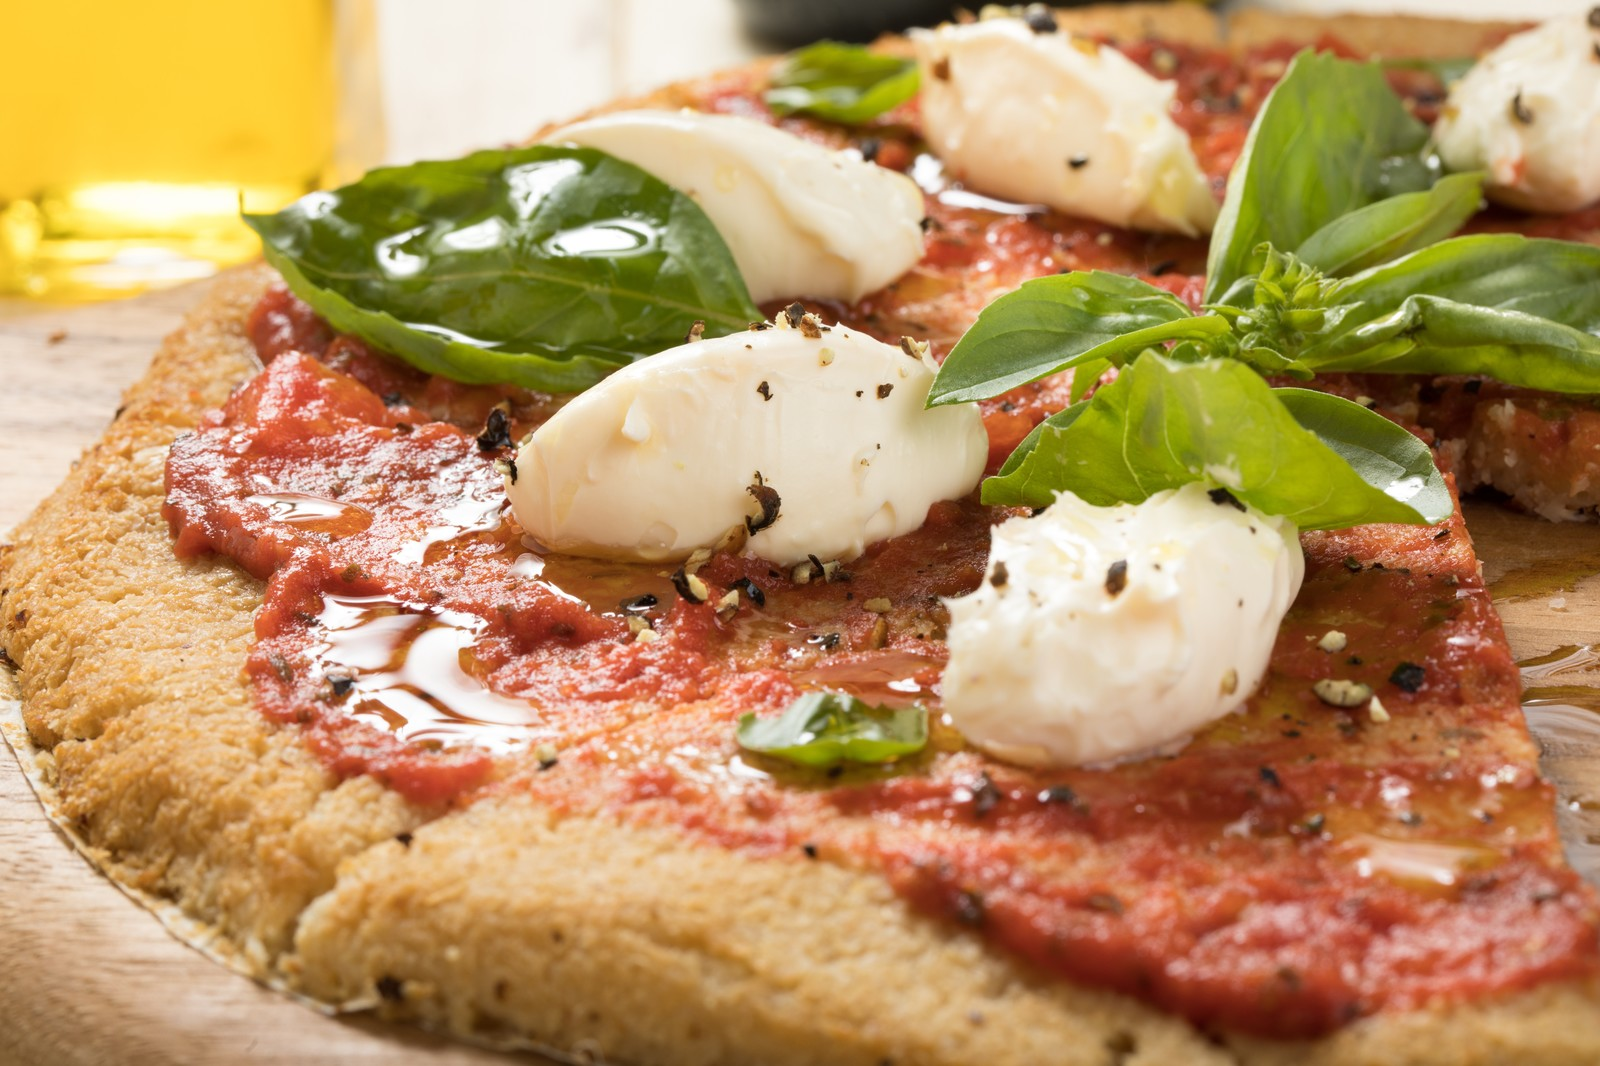 「トマトソースのカリフラワーピザ」の写真